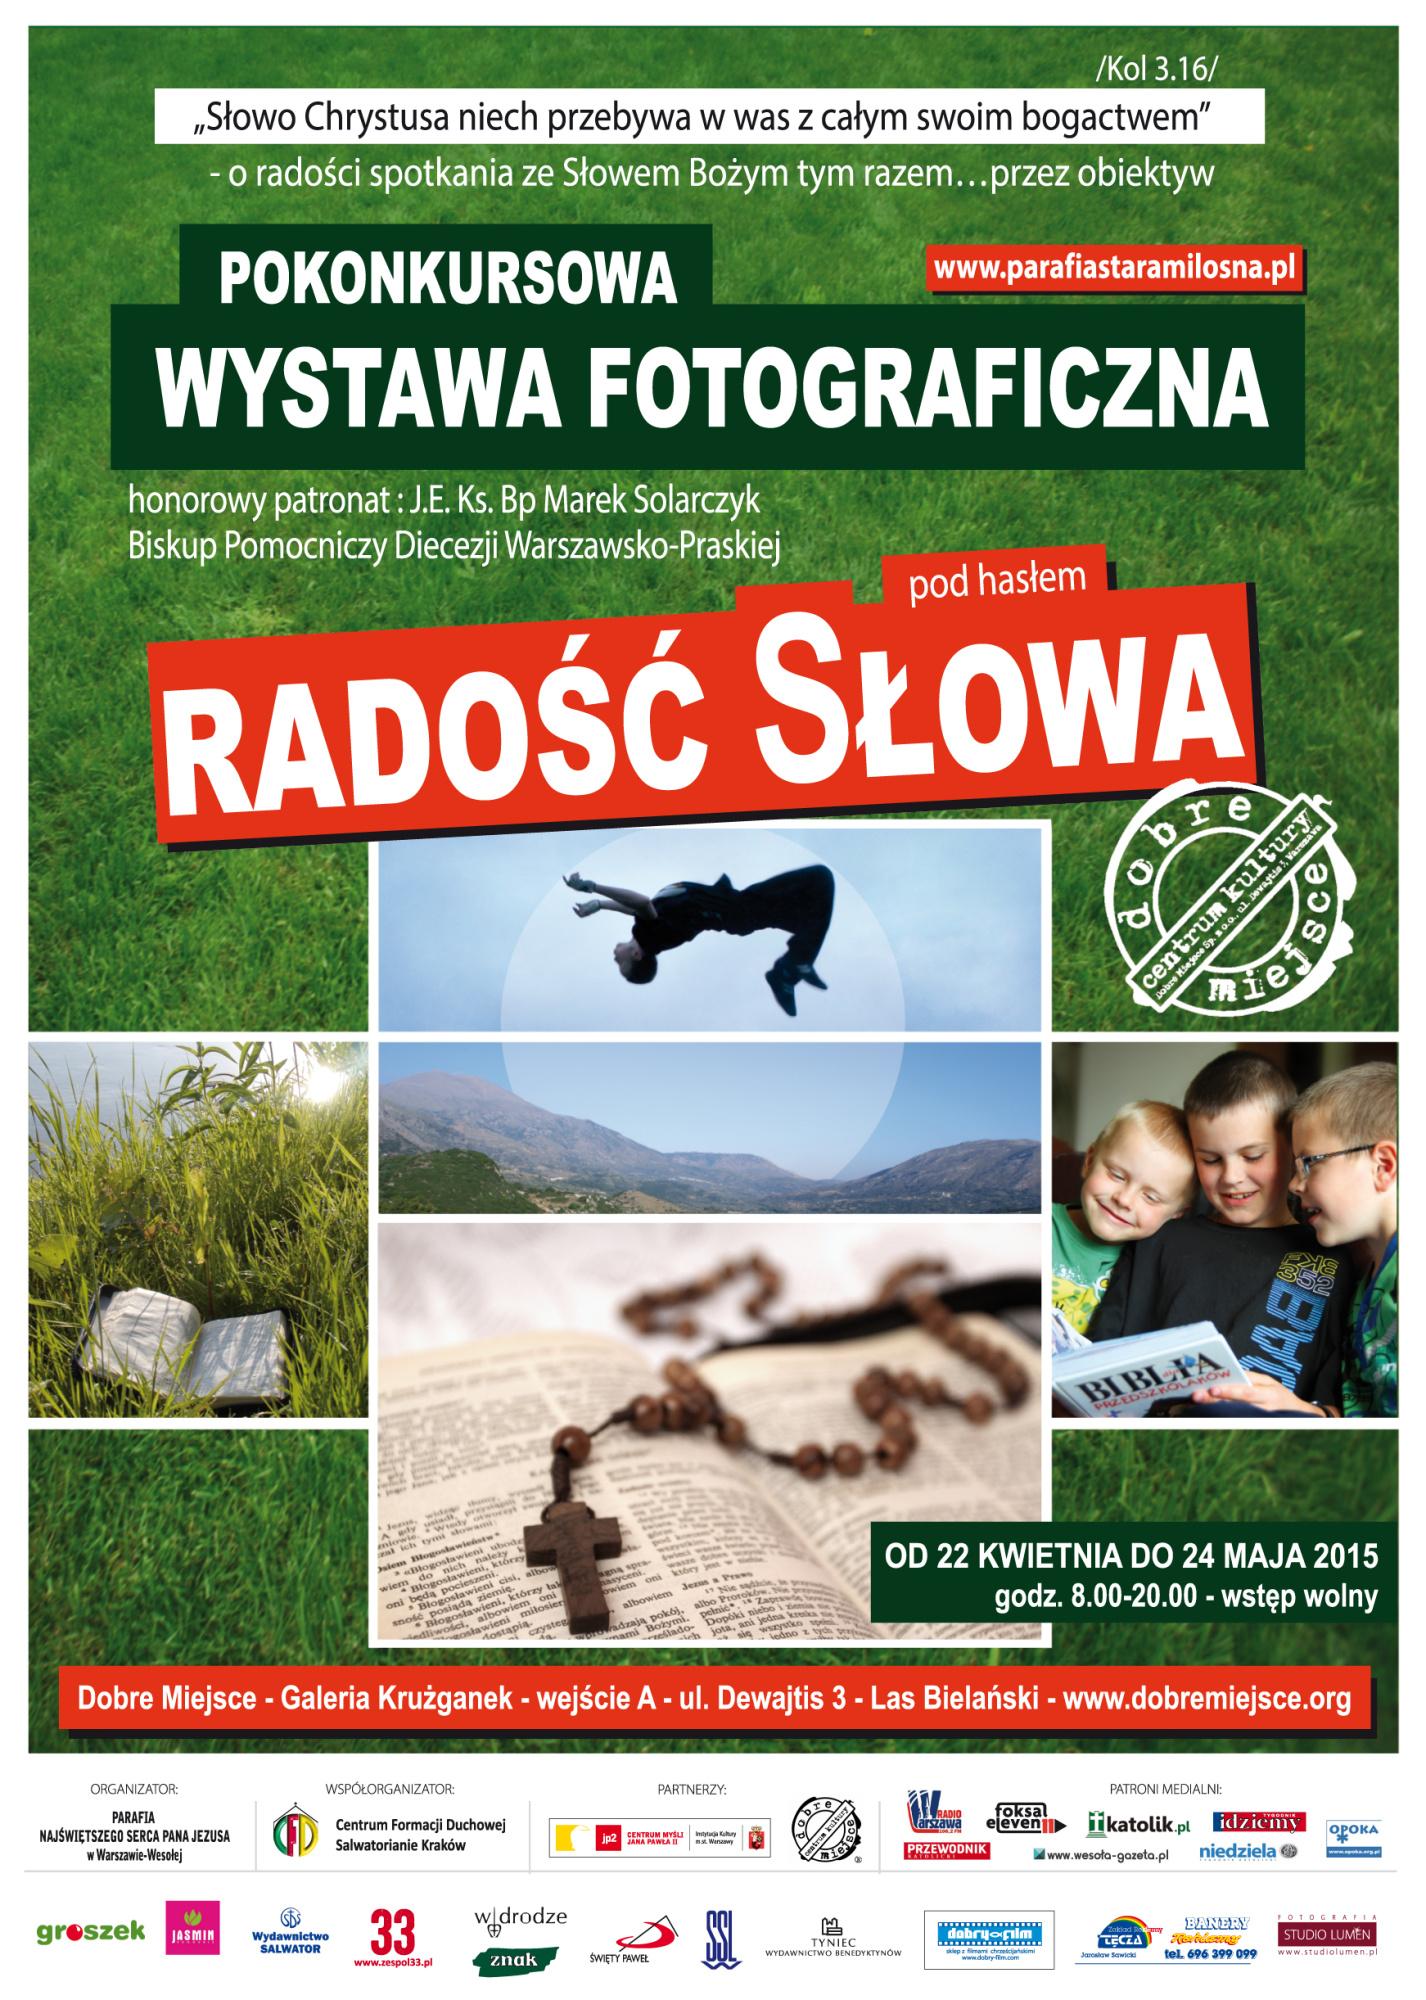 Plakat_Radosc_Slowa_Dobre_Miejsce_WYSTAWA